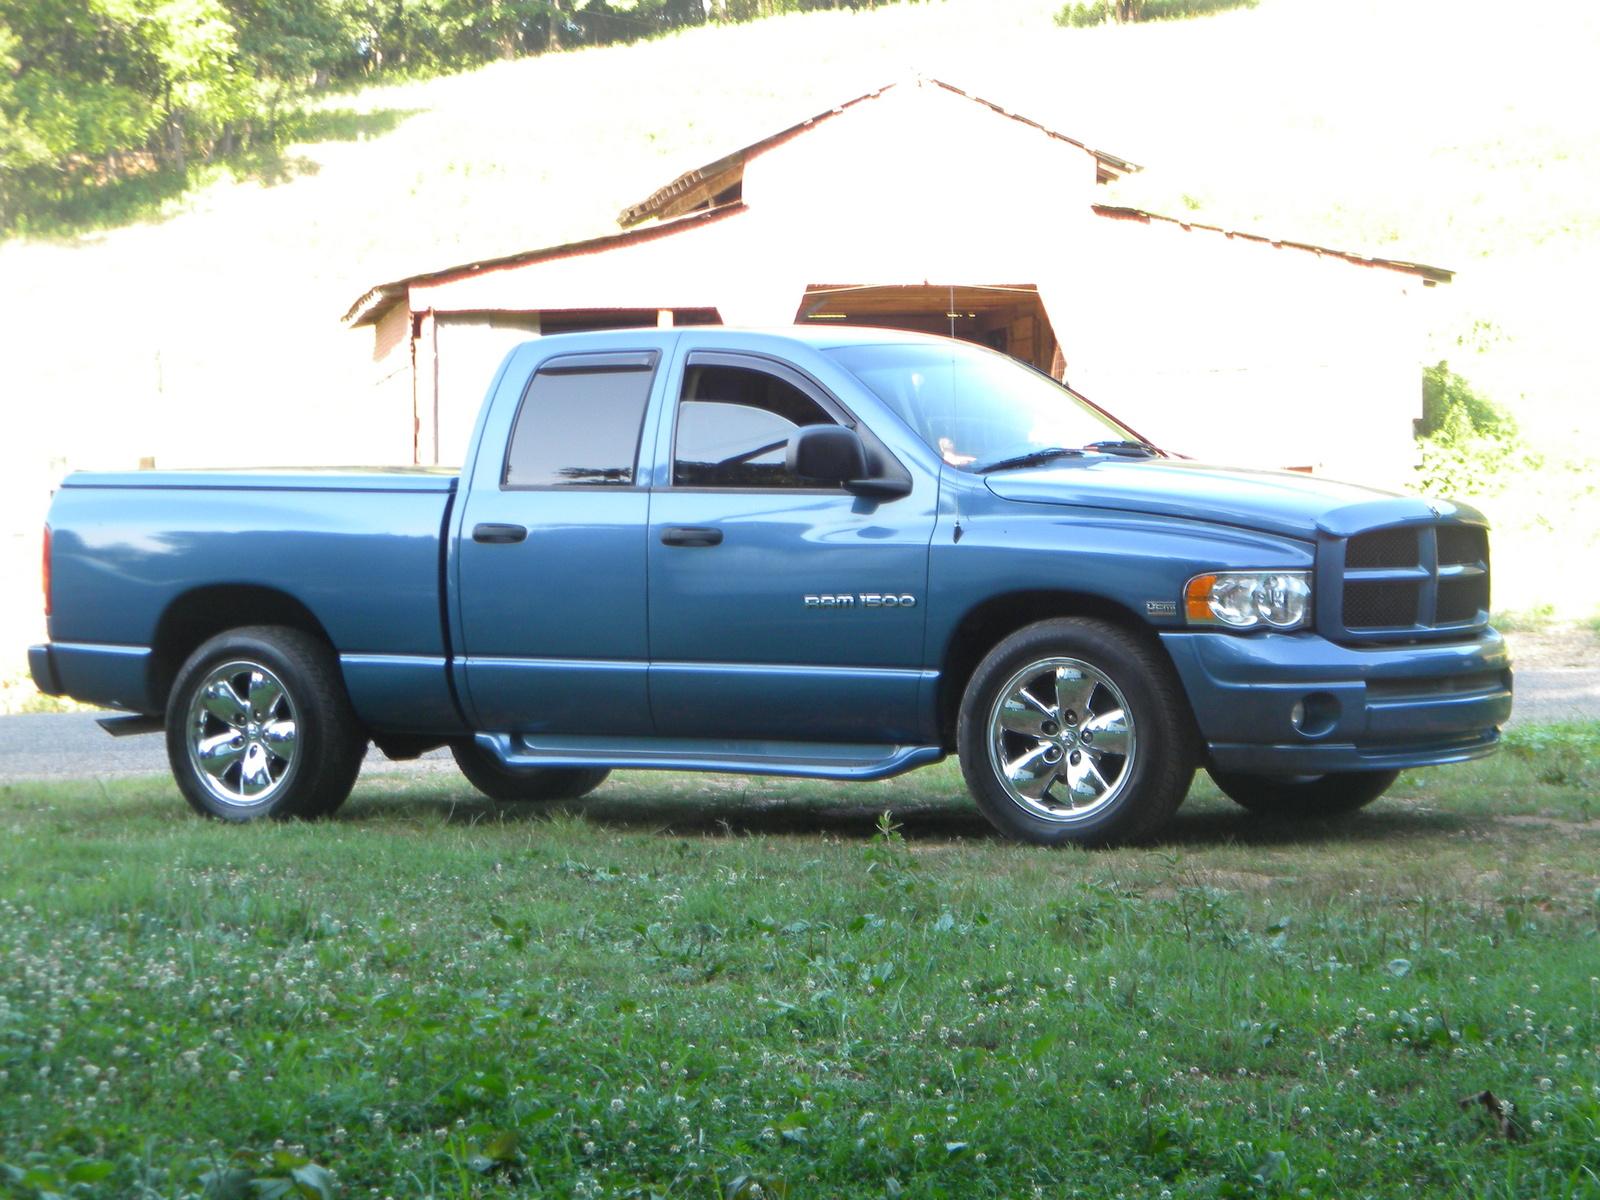 2004 dodge ram pickup 1500 slt quad cab sb picture of 2004 dodge ram. Black Bedroom Furniture Sets. Home Design Ideas